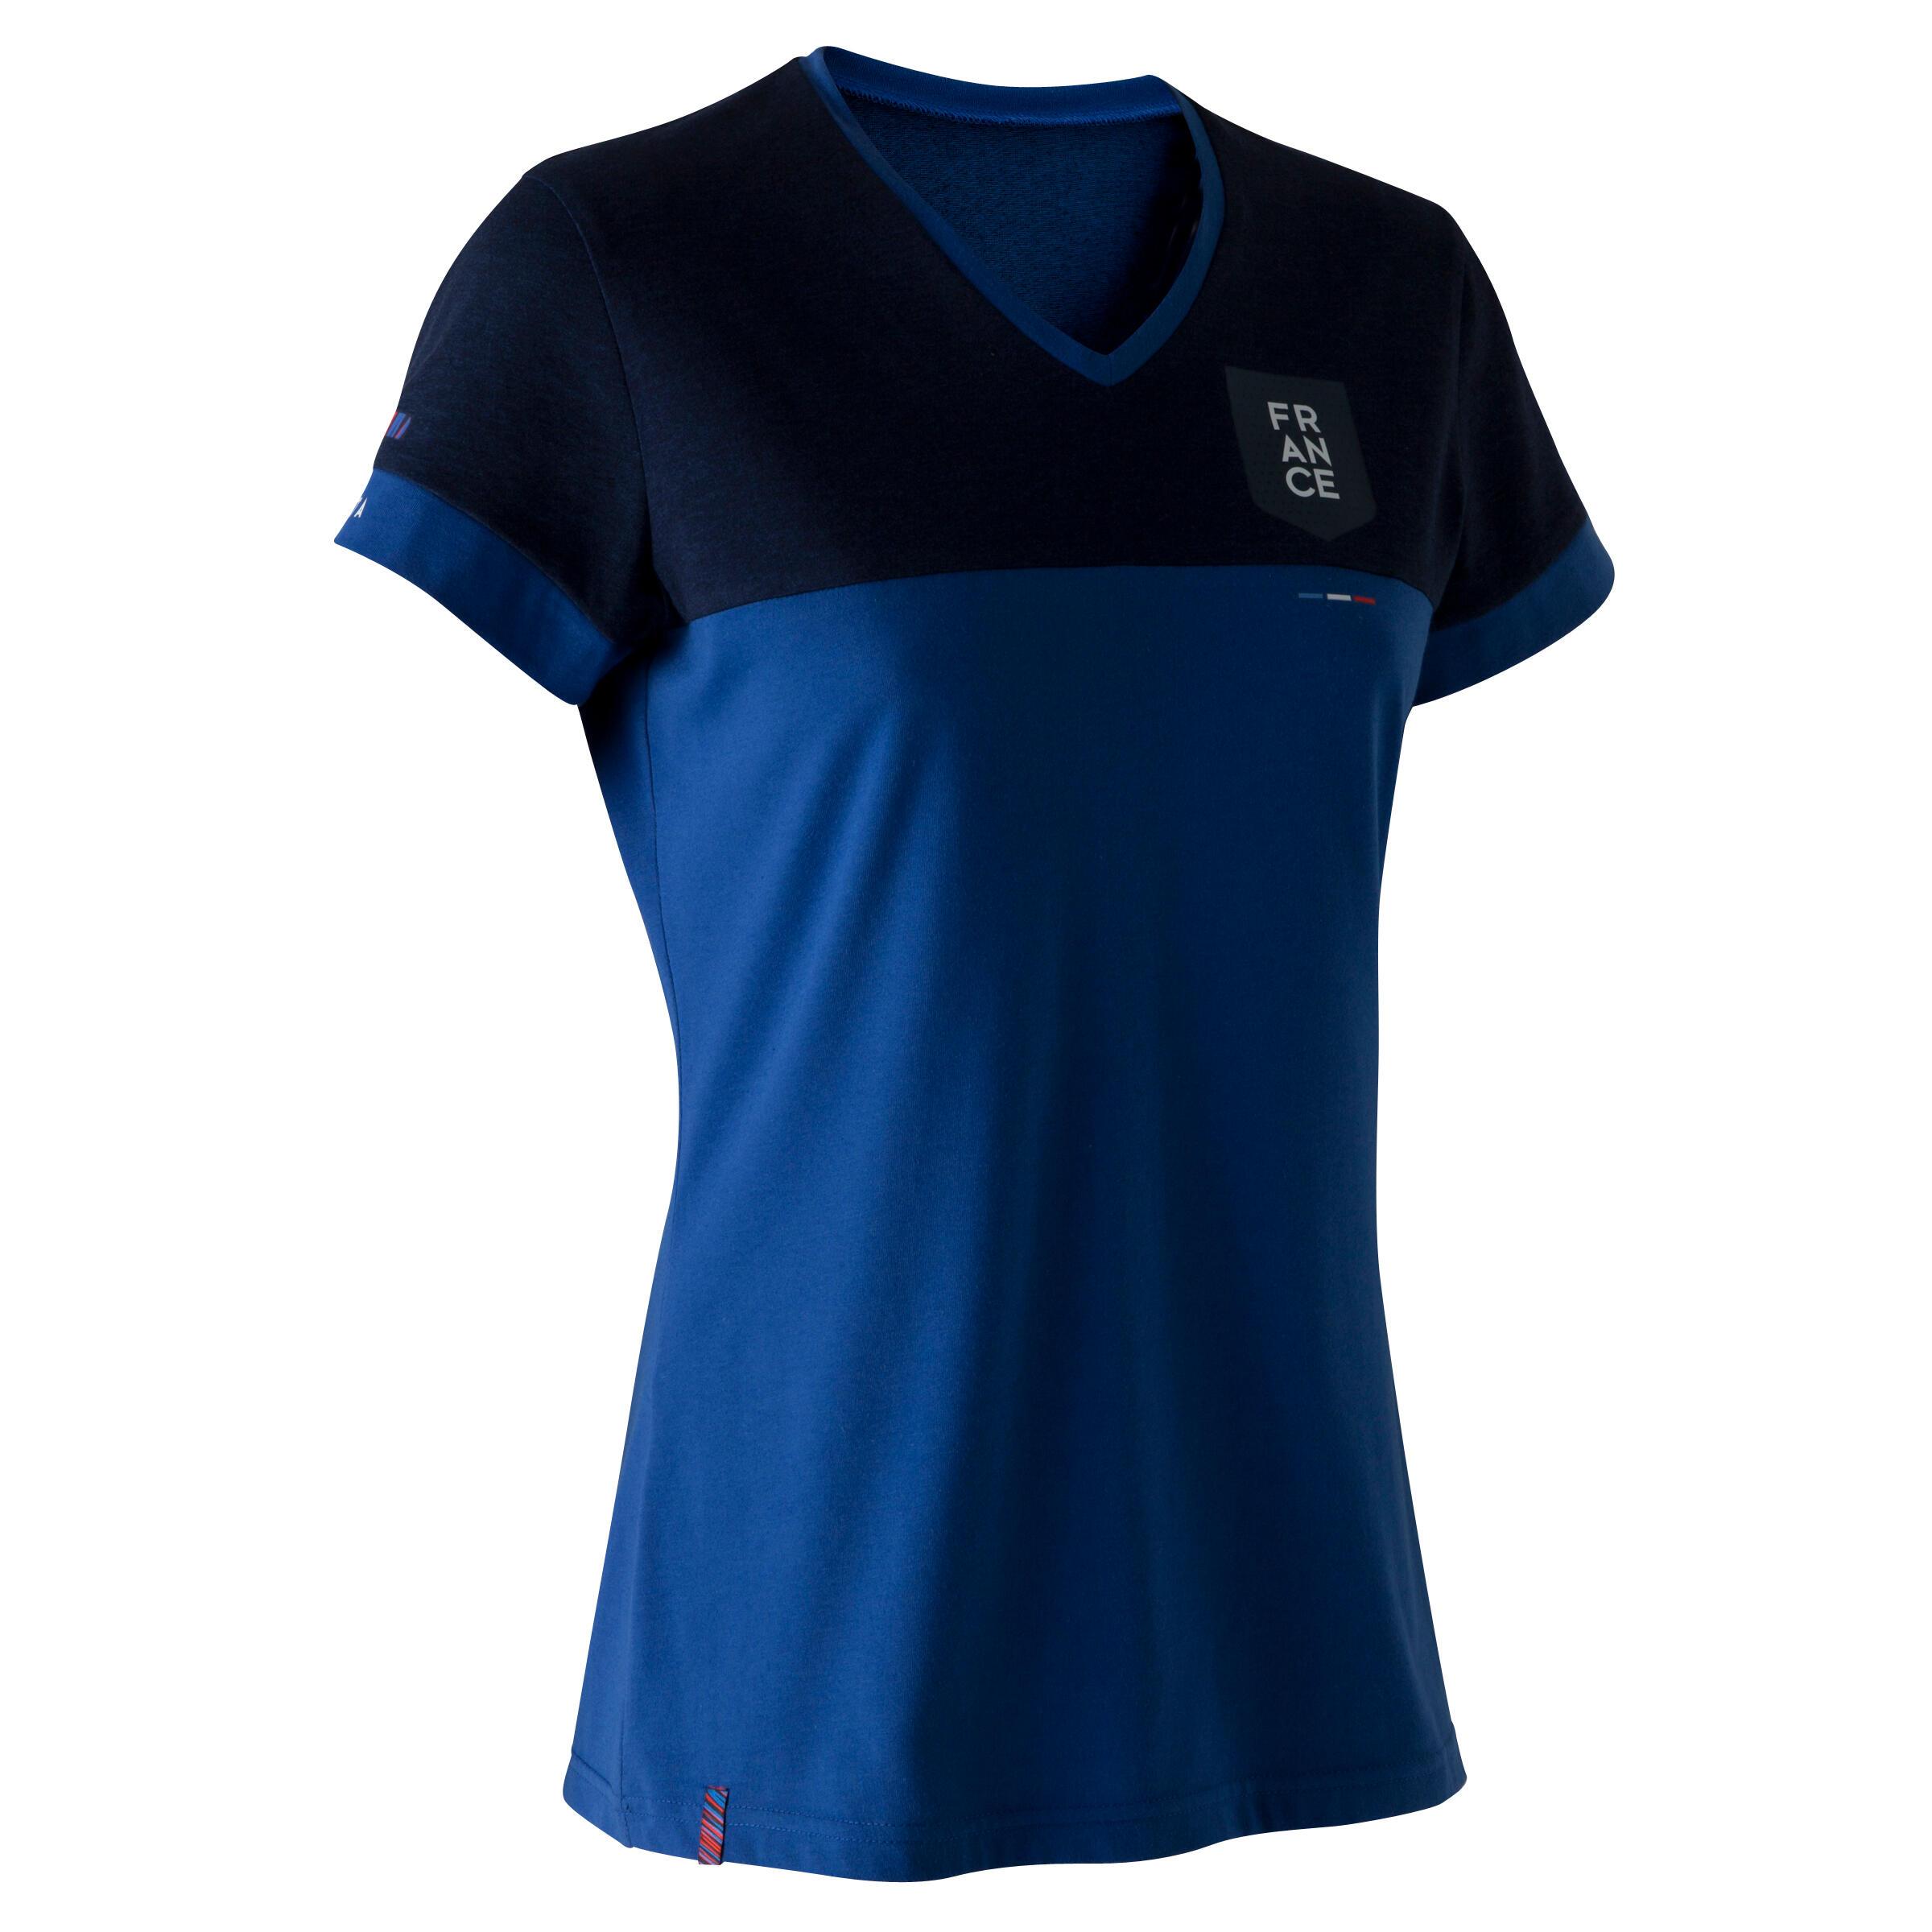 Camisetas Oficiales Selecciones y Equipos Fútbol  a0b0fdeff9dd